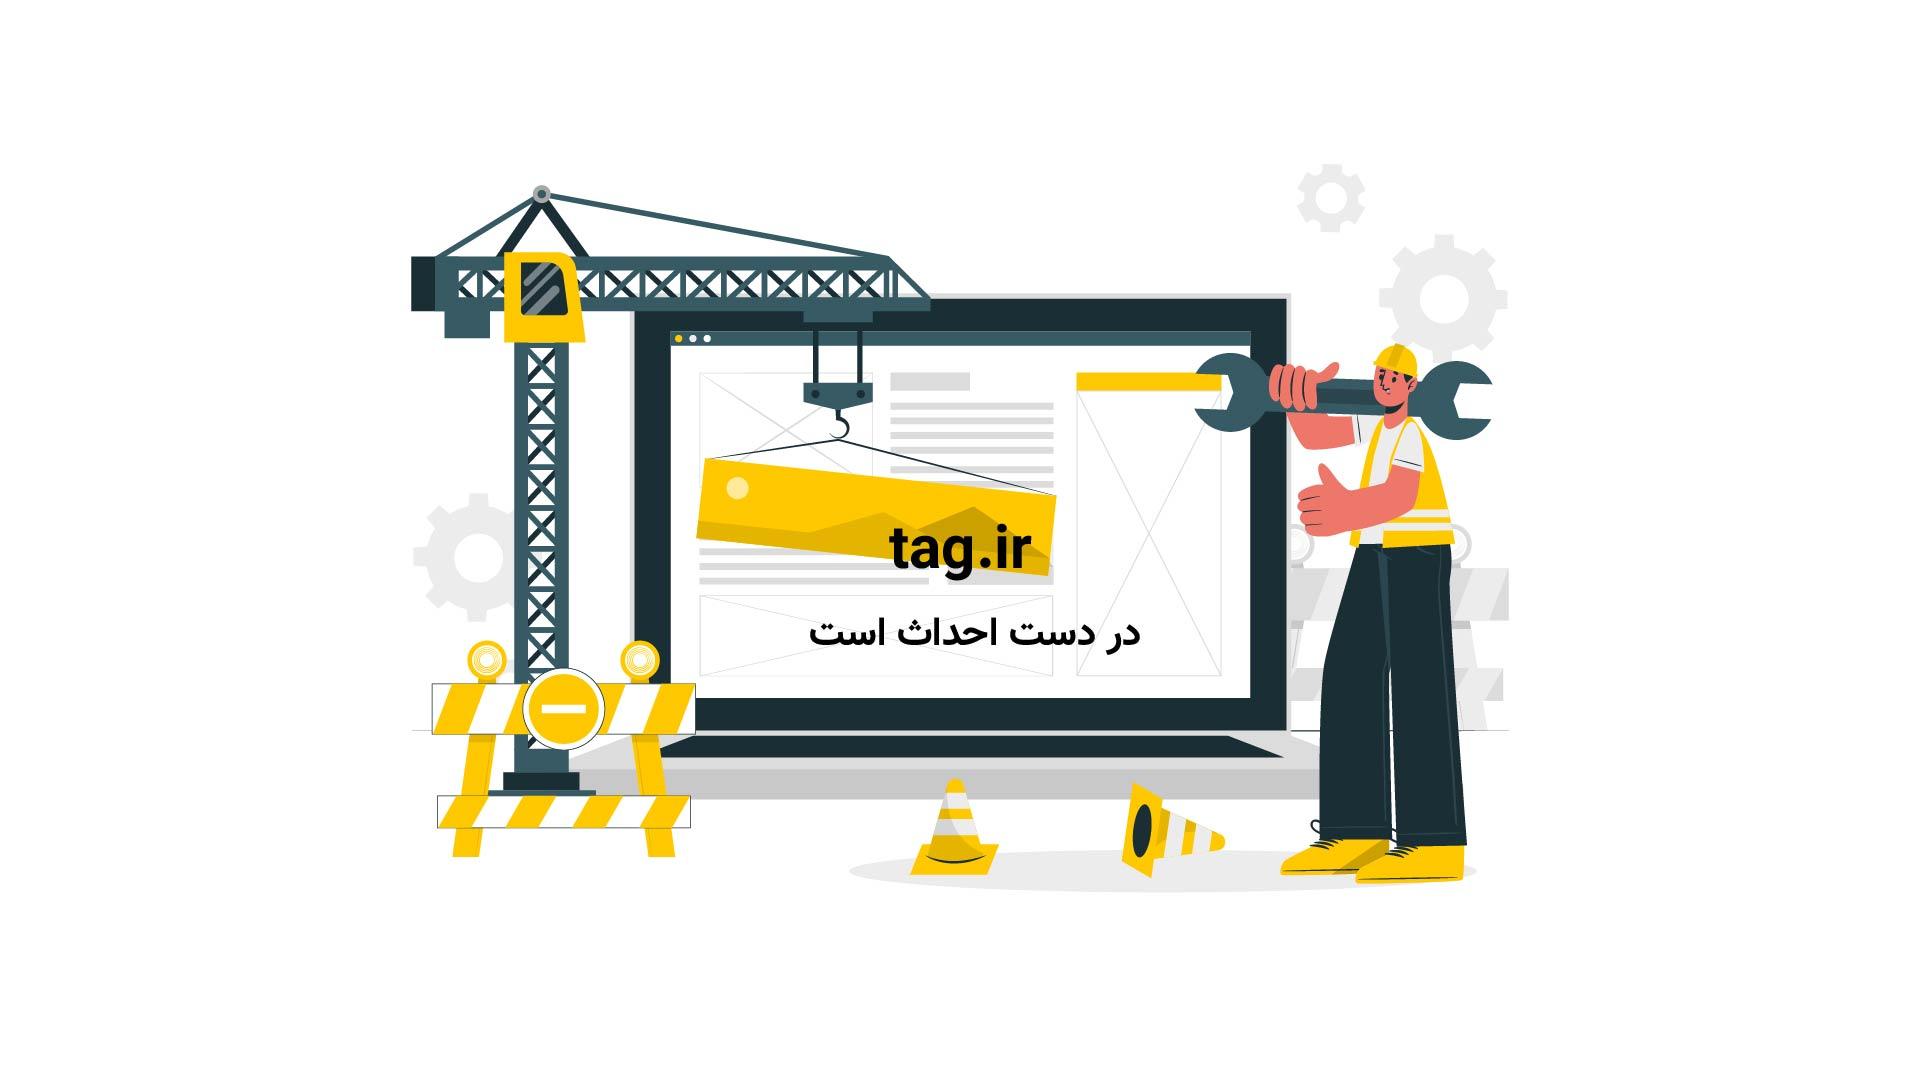 فیلم گچکاری فوق العاده روی دیوار